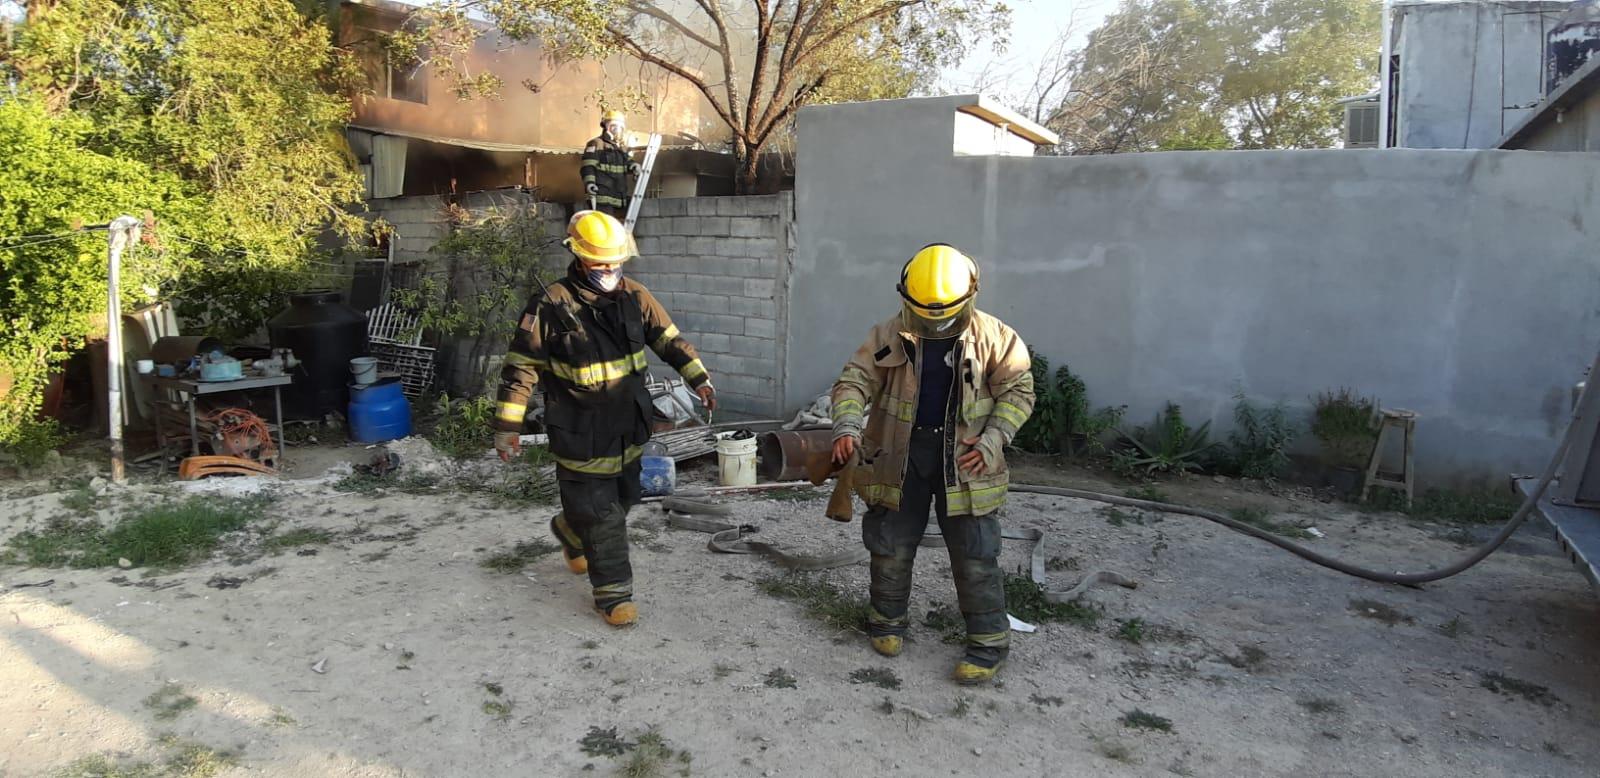 Domicilio es consumido por el fuego en Monclova